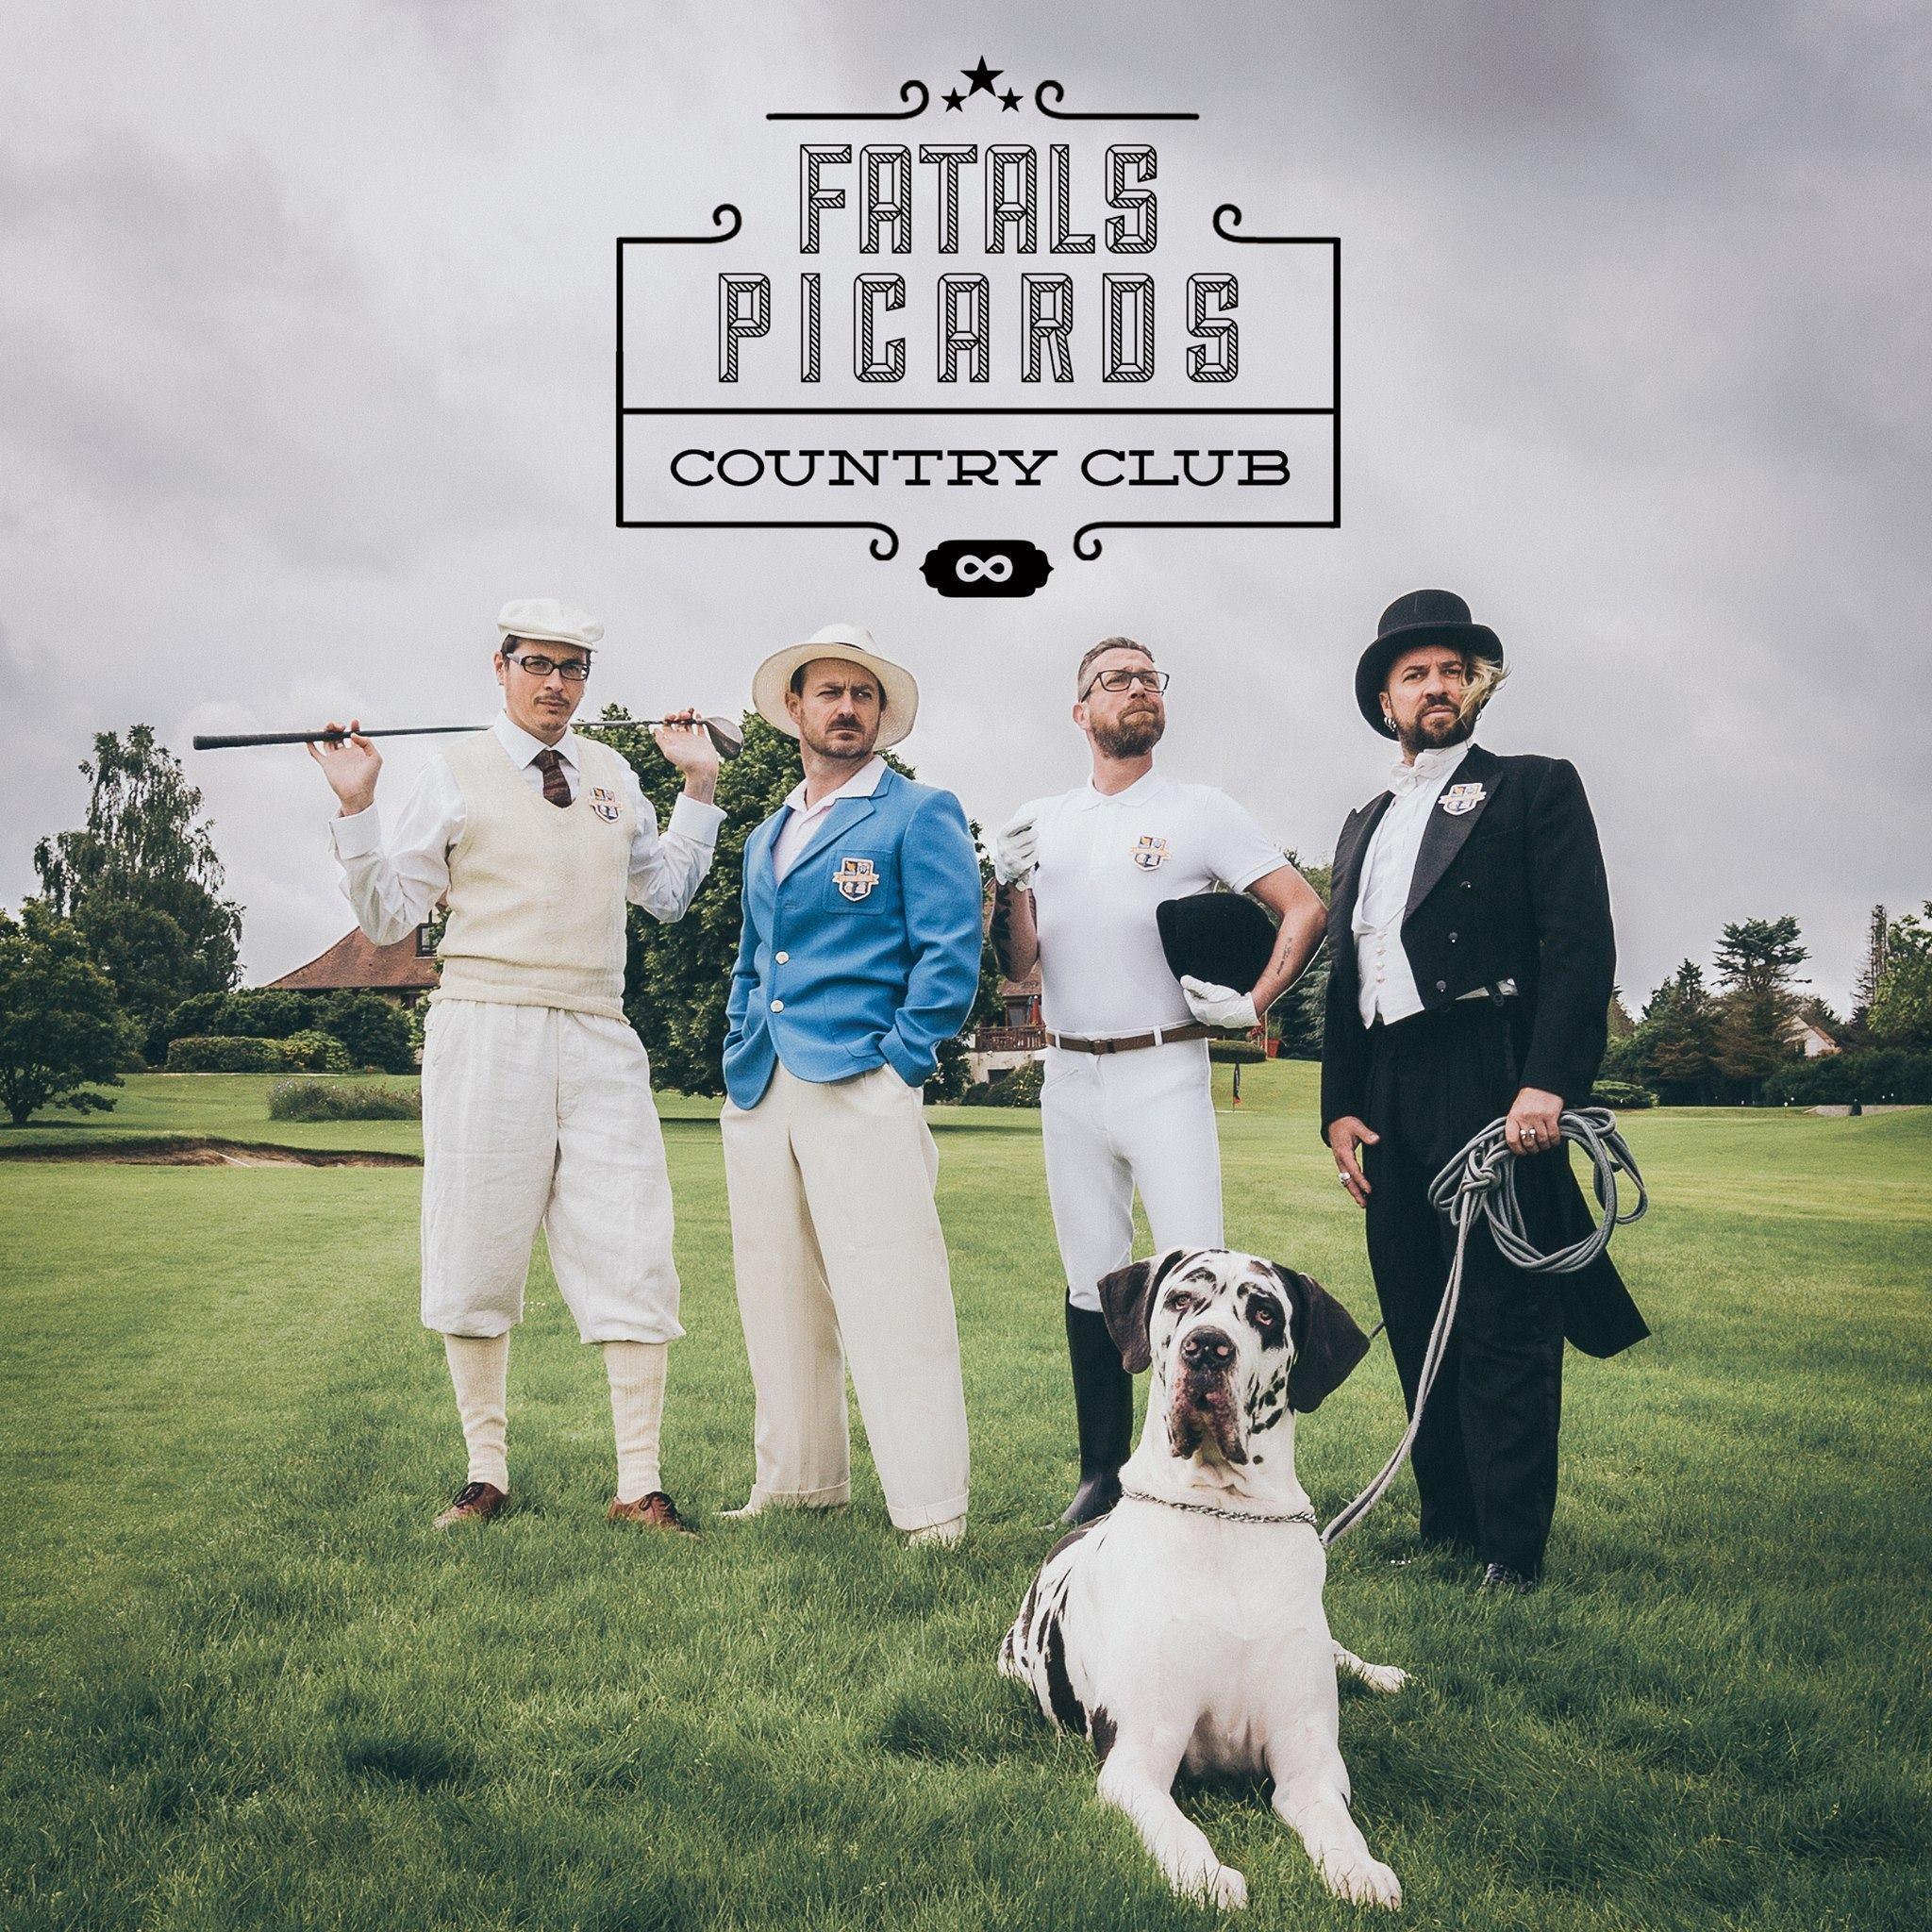 Billets Les Fatals Picards (Olympia - Paris)